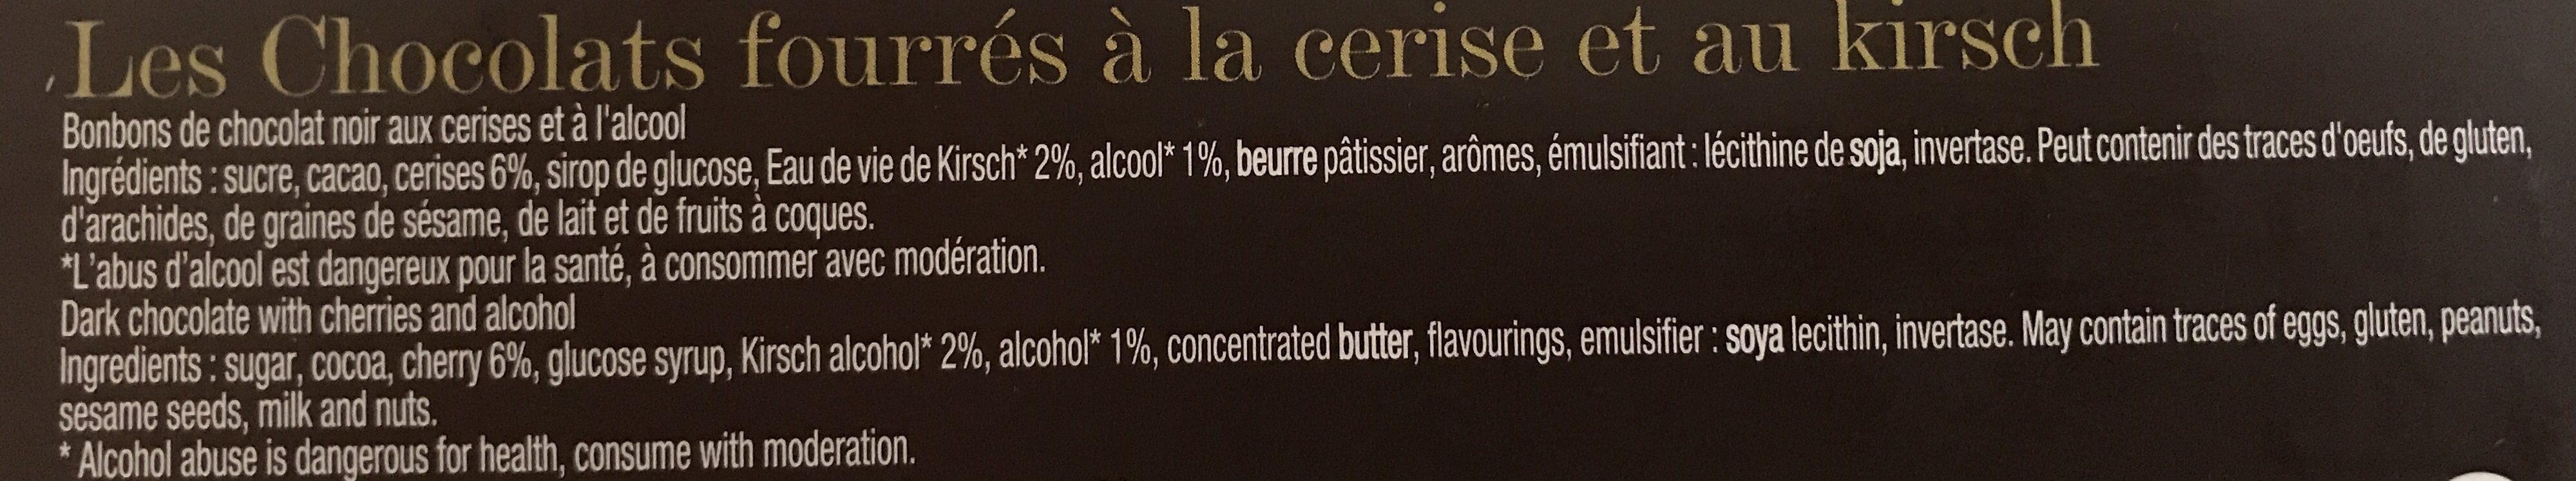 Les chocolats à la cerise et au kirsch - Ingredienti - fr